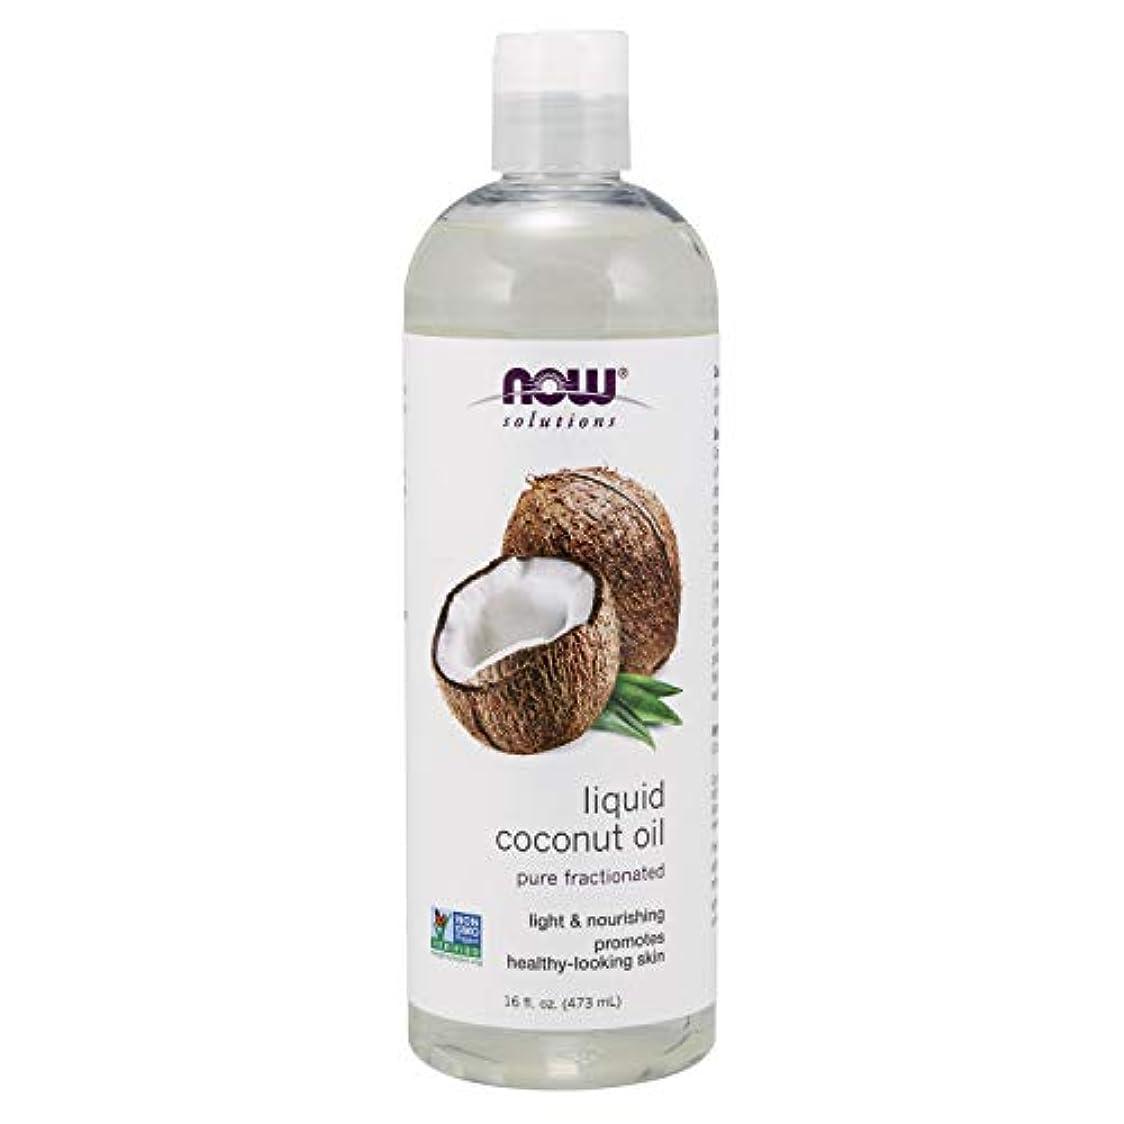 二次多くの危険がある状況場所Now Foods Liquid Coconut Oil, 1.07 Pound